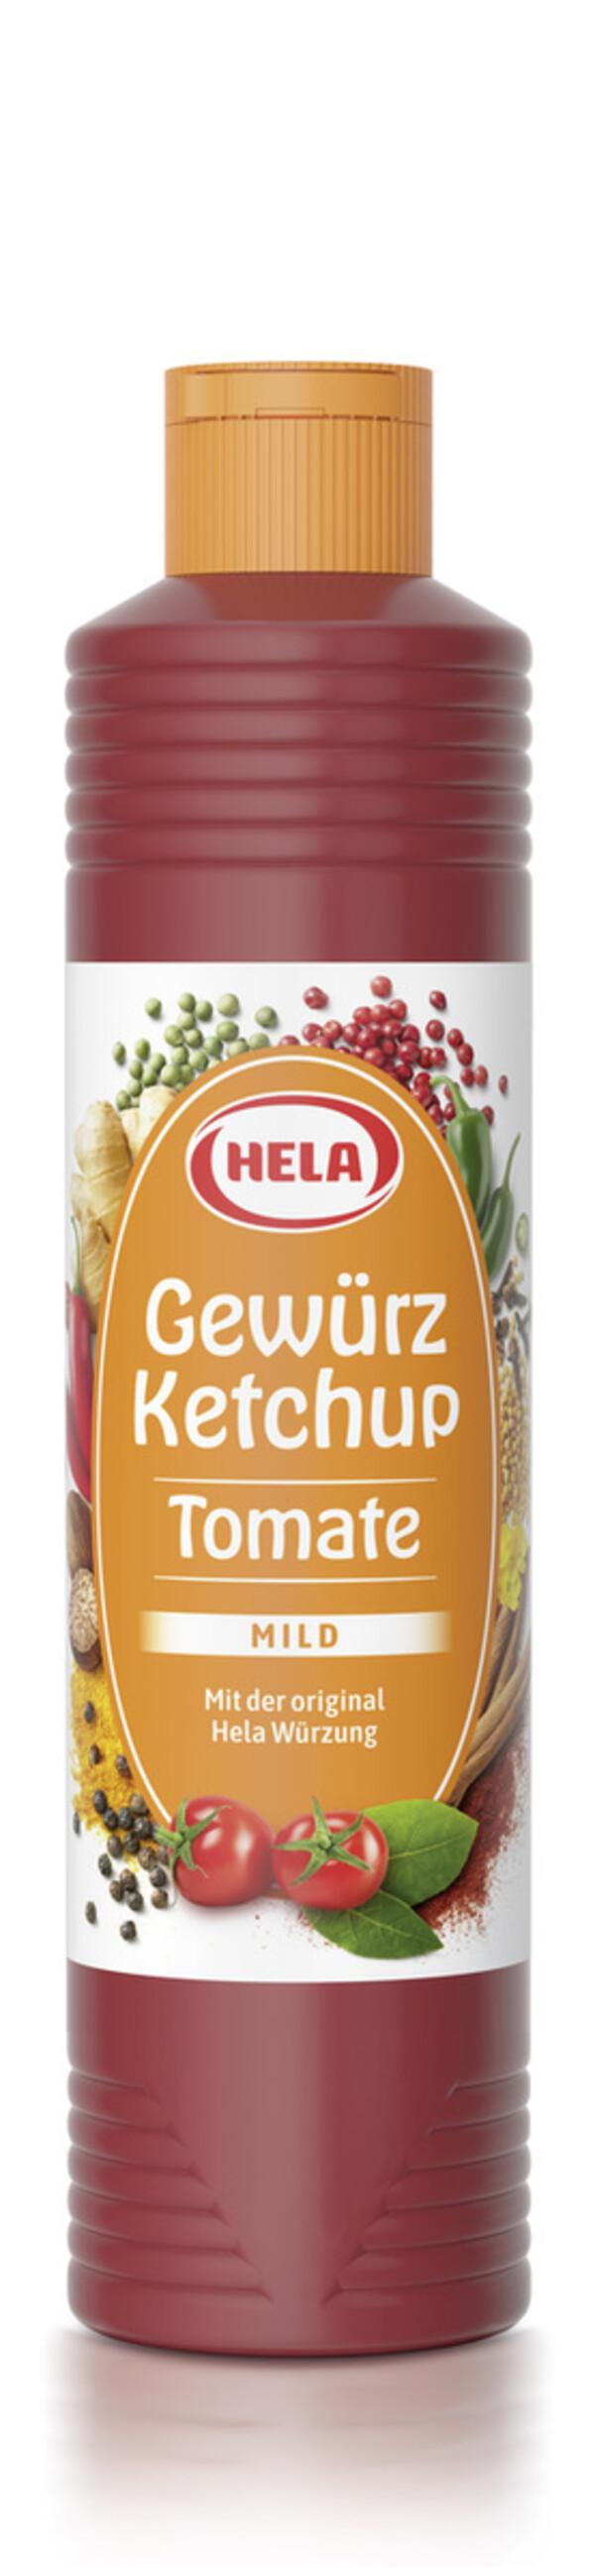 Hela Tomaten Gewürz Ketchup mild 800 ml